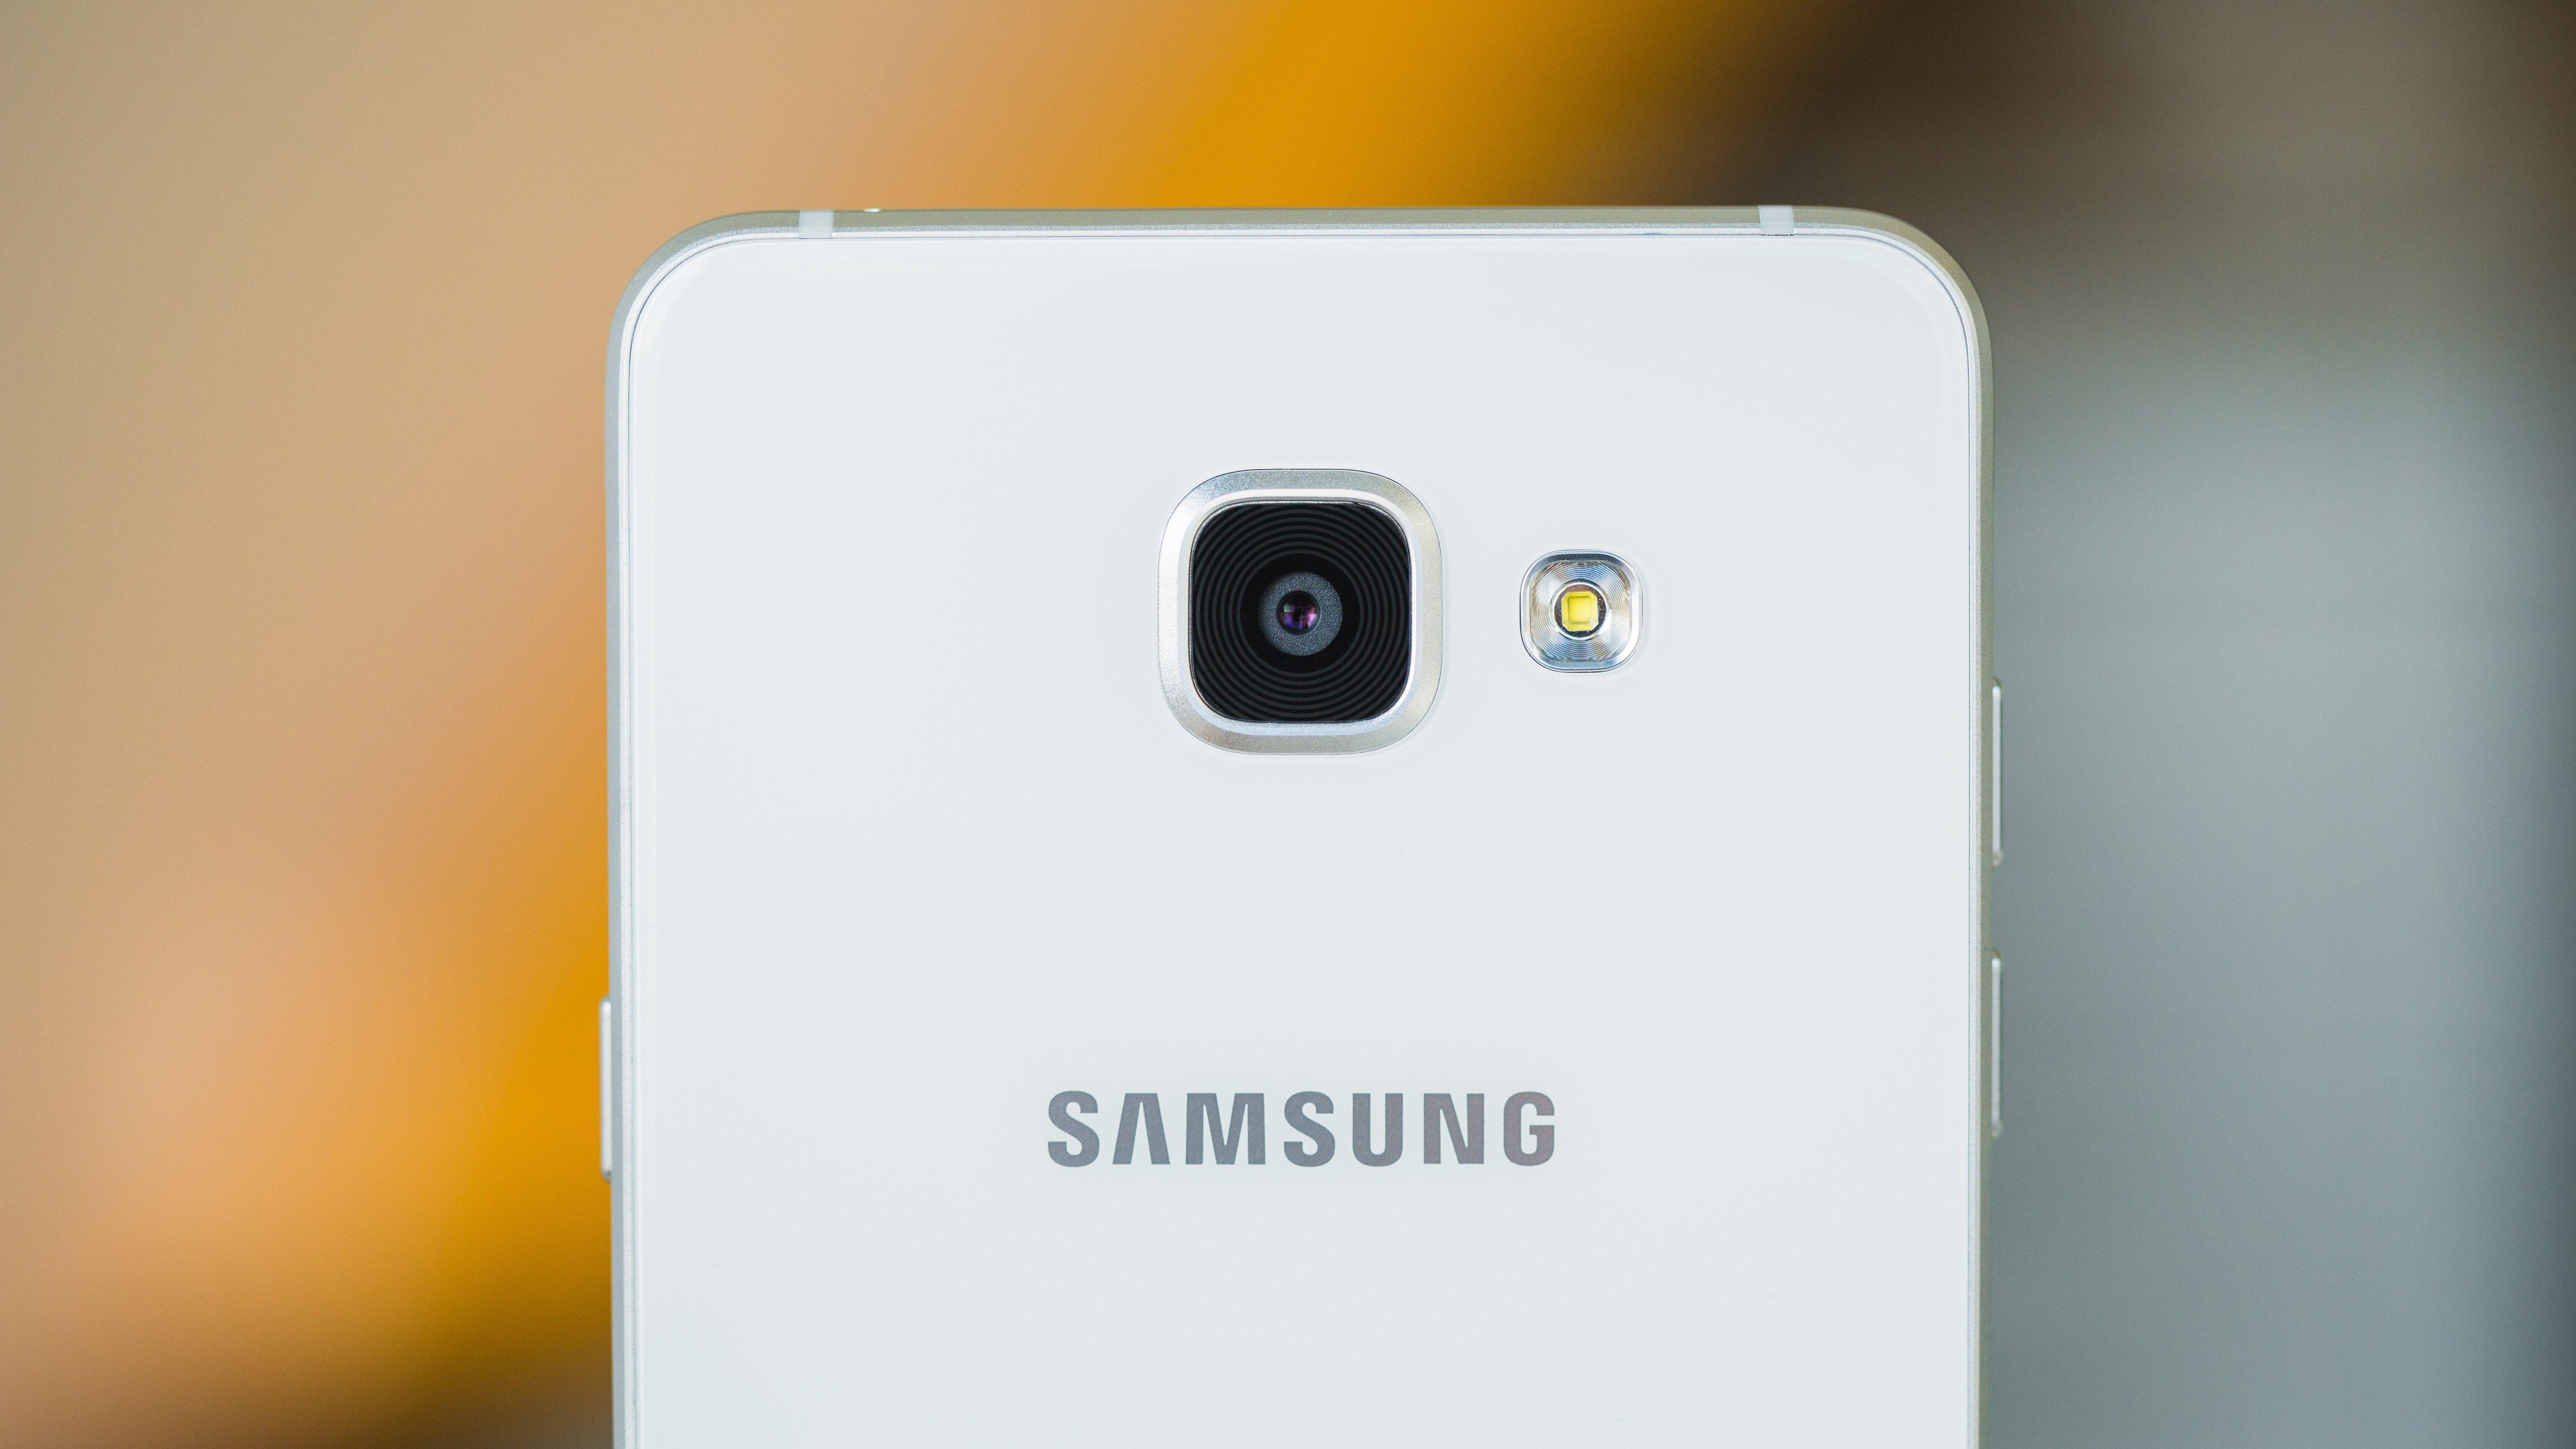 Samsung Galaxy A7 (2017) : date de sortie, prix et caractéristiques techniques - AndroidPIT